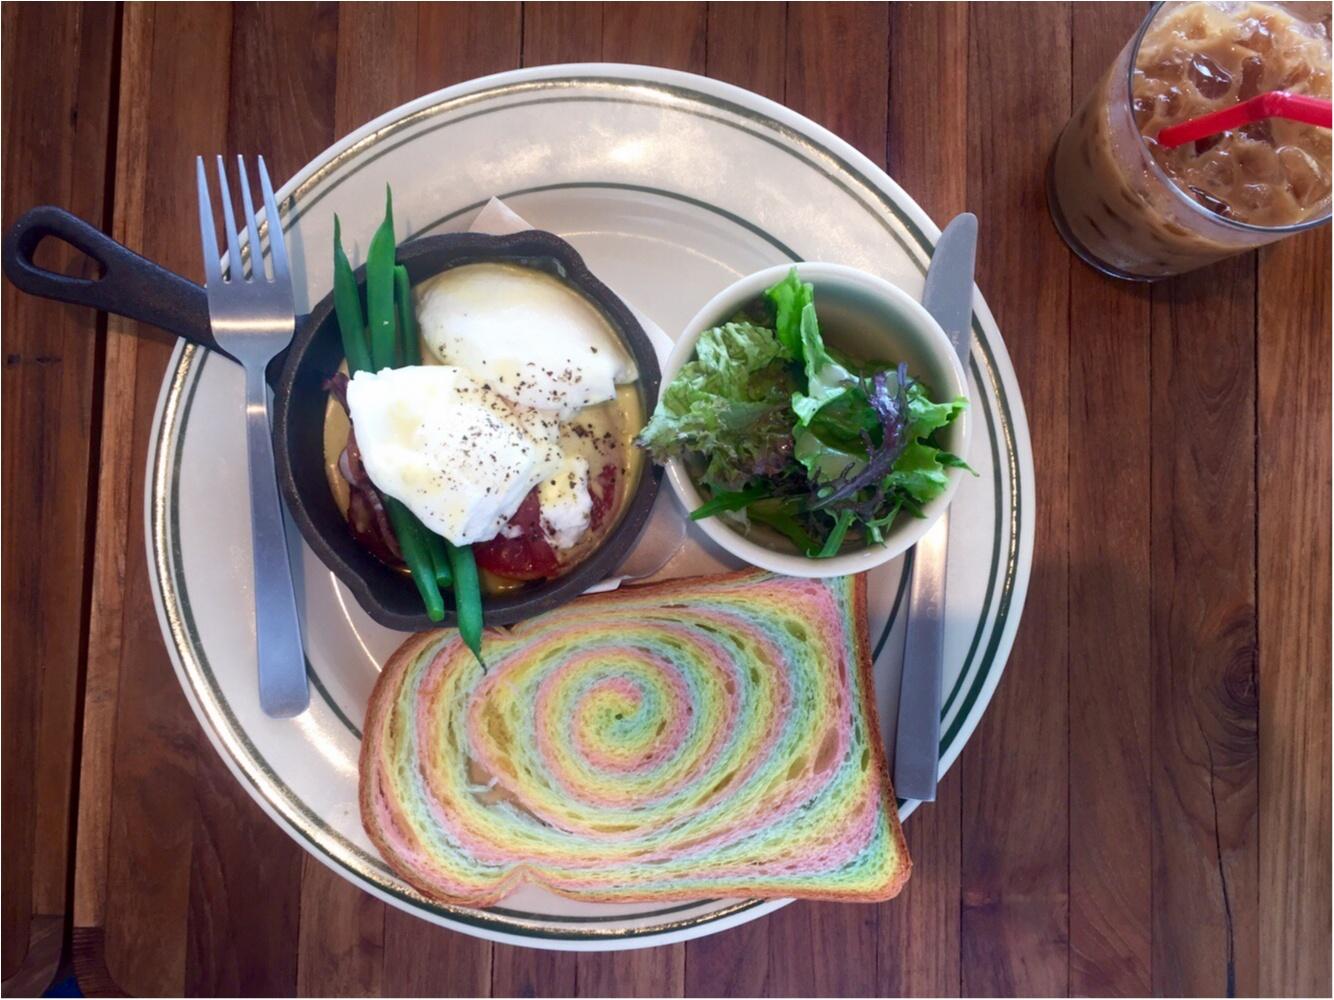 """【FOOD】ロケーション抜群!由比ヶ浜♡材木座テラスでみつけた""""Rainbow Bread""""★_6"""